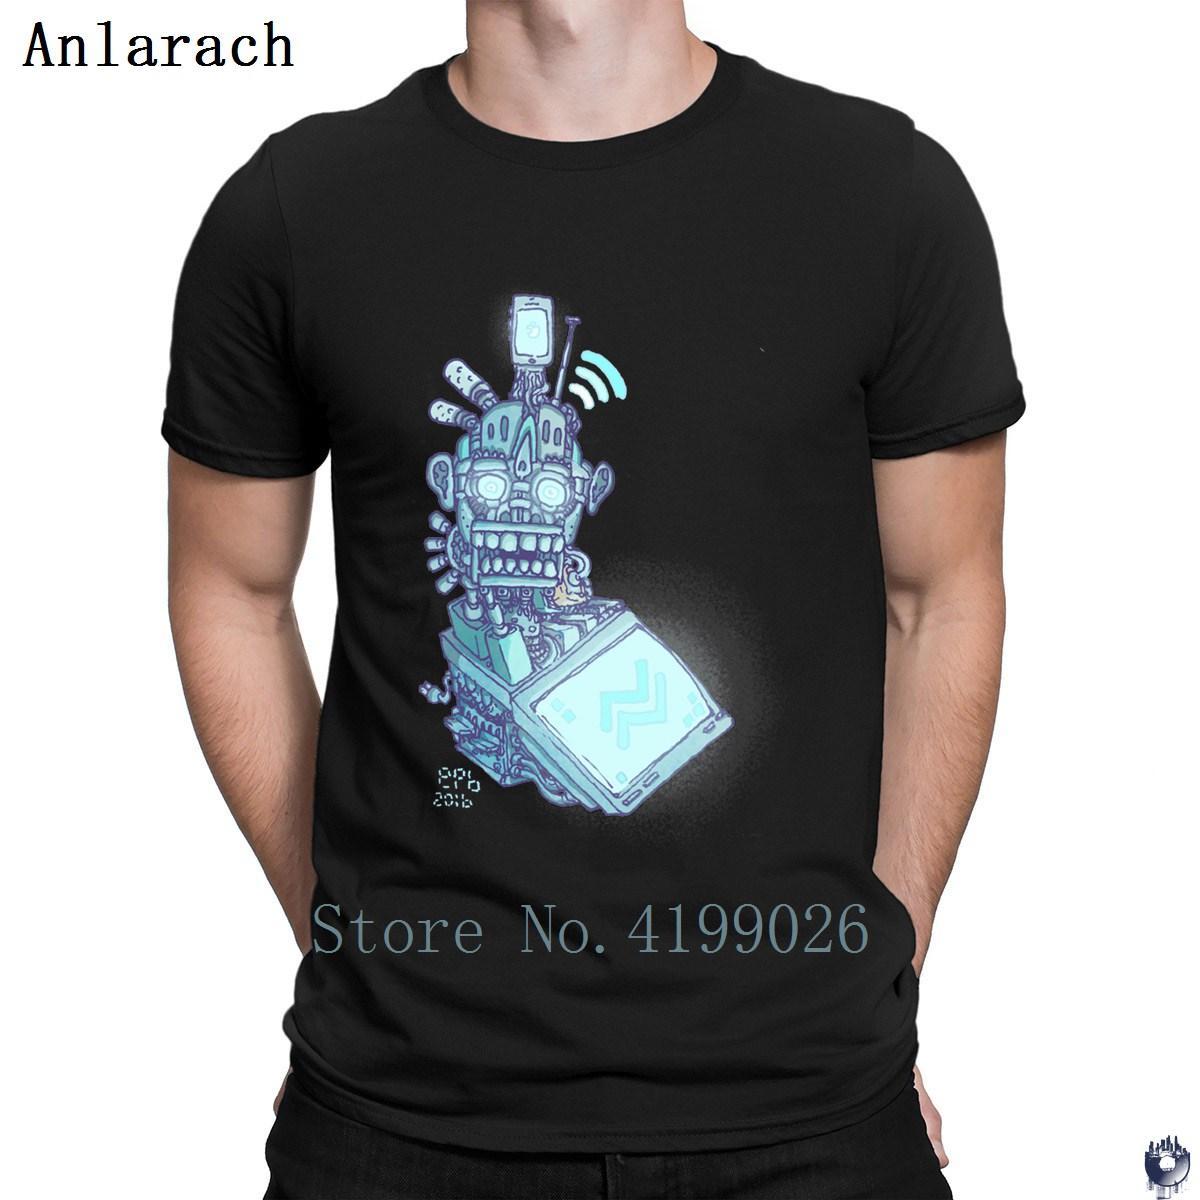 On My Mind Top T-shirt en coton de qualité T-shirt des hommes de vêtements personnalisés Drôle printemps impressionnant